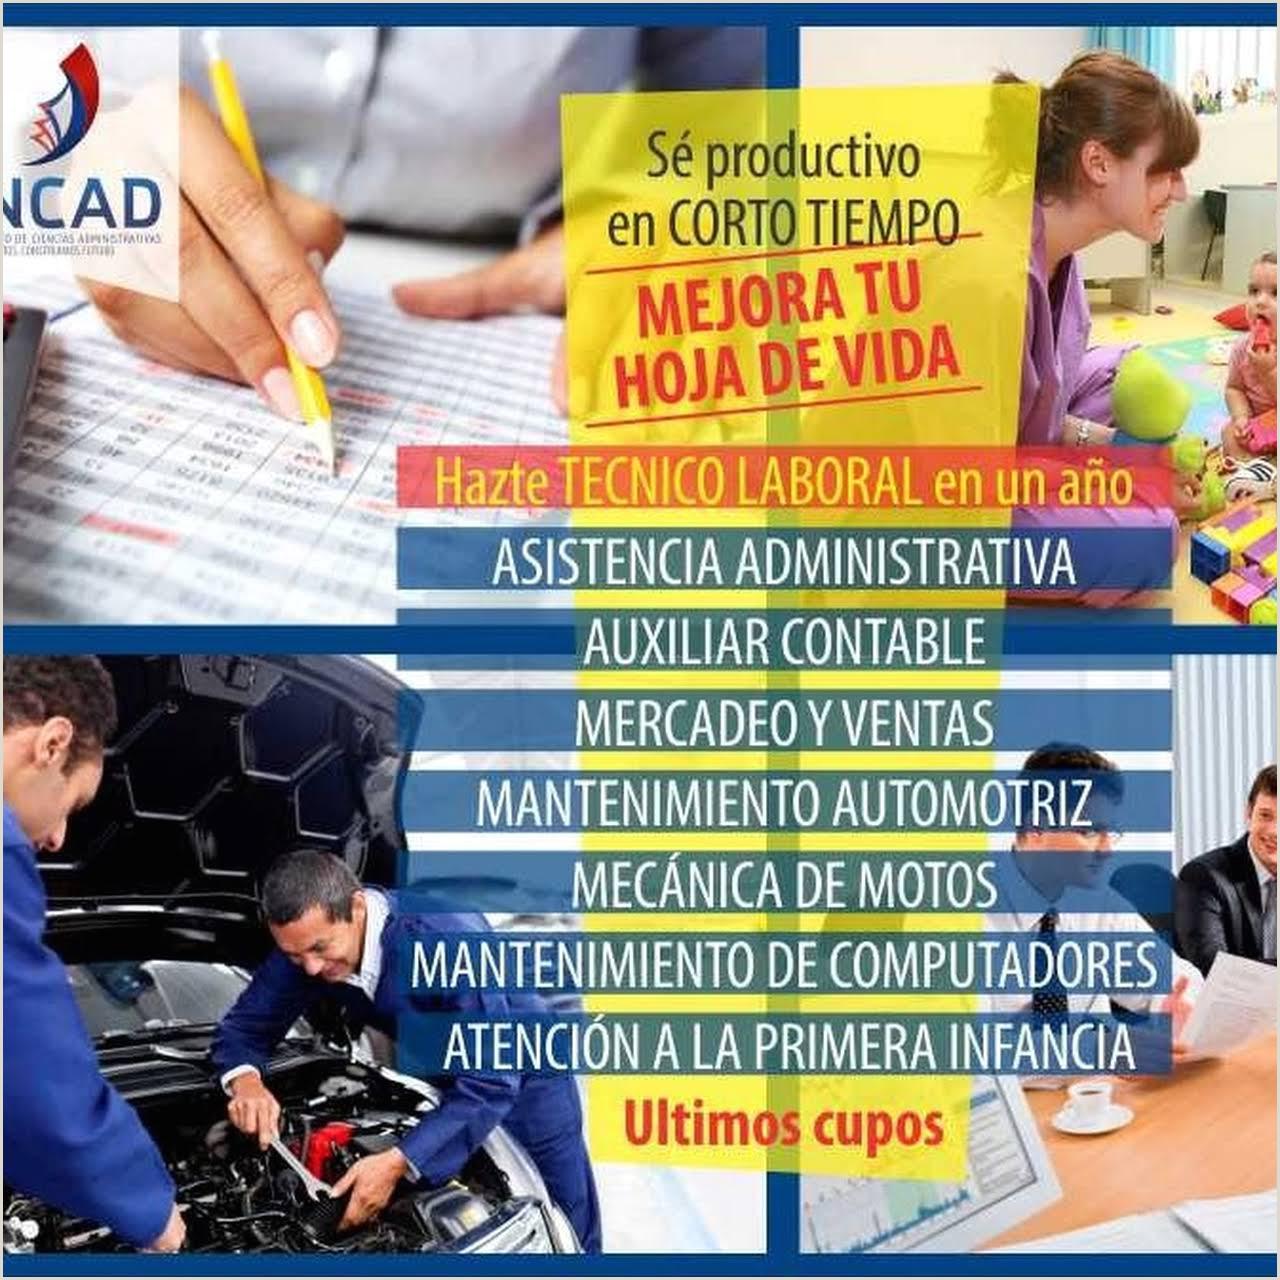 Formato De Hoja De Vida Auxiliar Contable Incad Instituto De Ciencias Administrativas Instituci³n